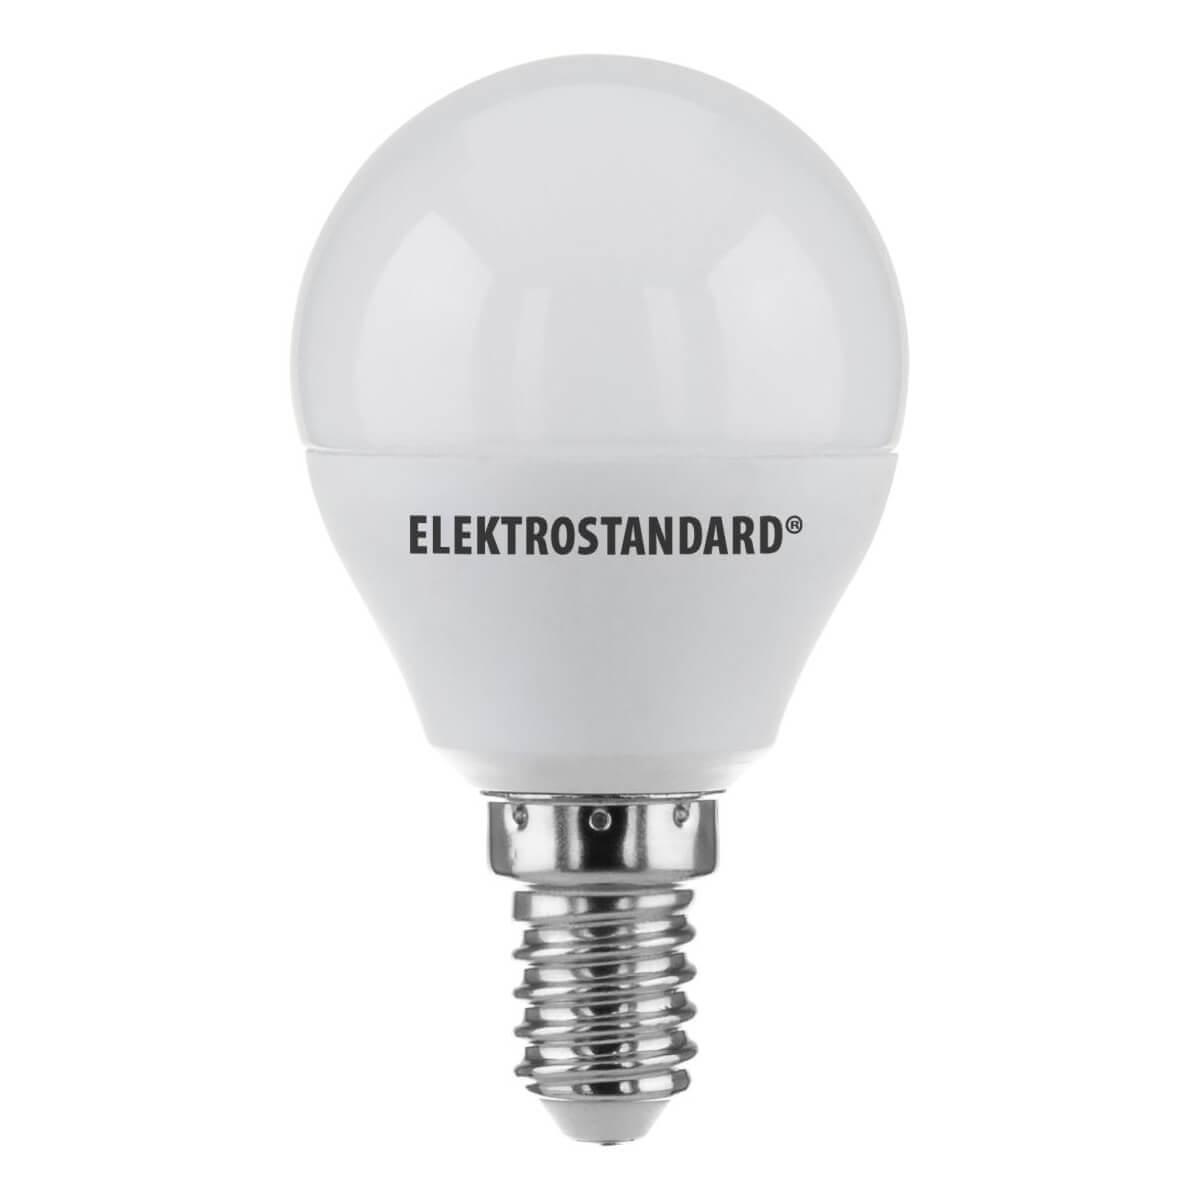 купить Лампа светодиодная Elektrostandard E14 7W 4200K матовая 4690389085390 по цене 101 рублей